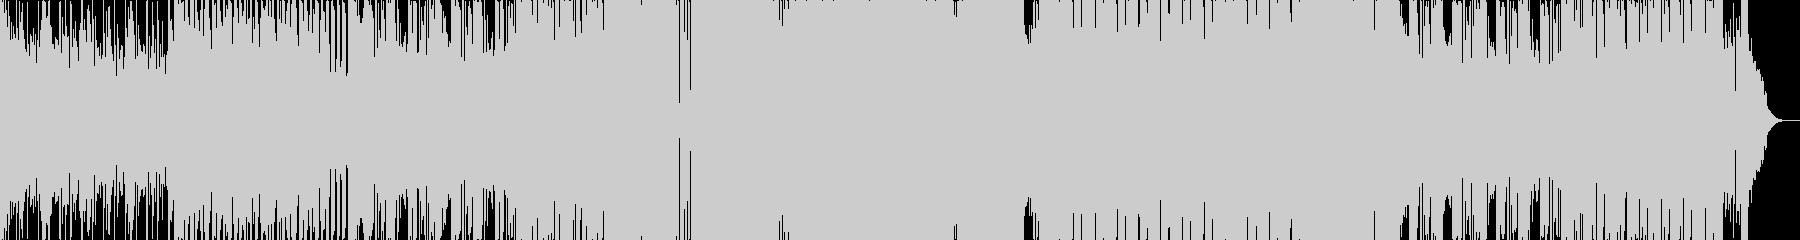 シンプルなジャングルテラーの未再生の波形